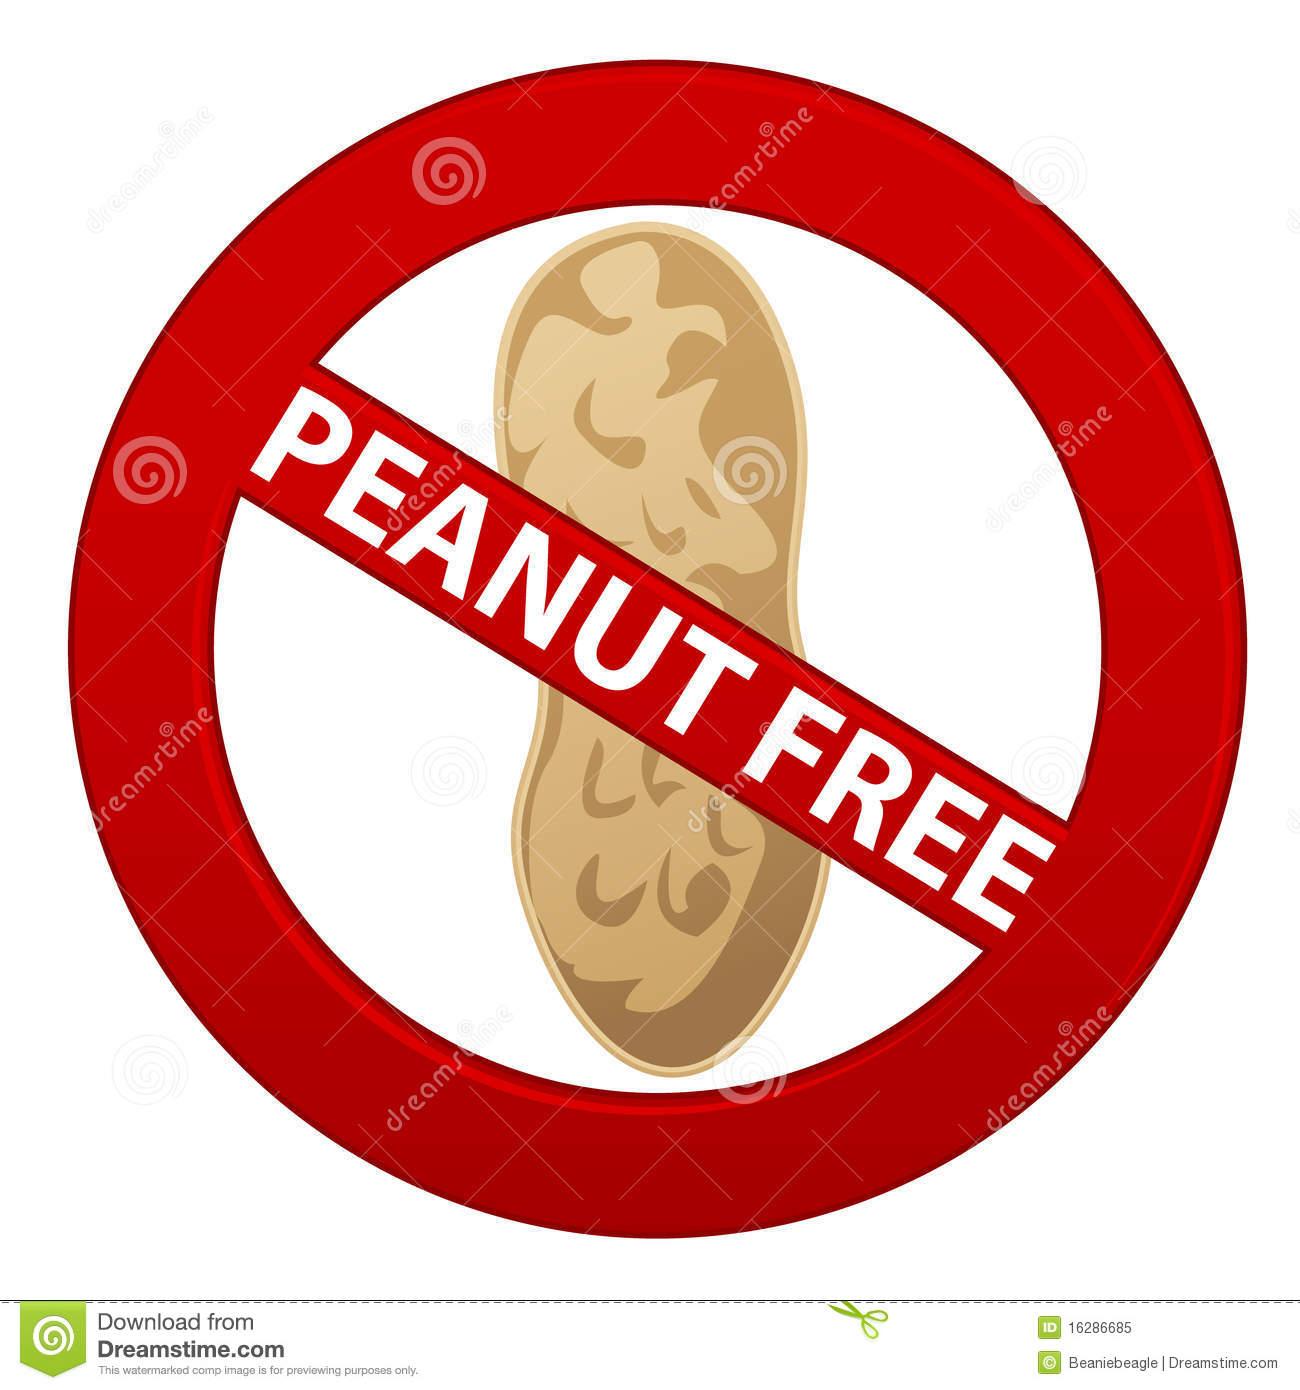 No peanuts clipart clipart freeuse download No peanuts clipart 4 » Clipart Station clipart freeuse download